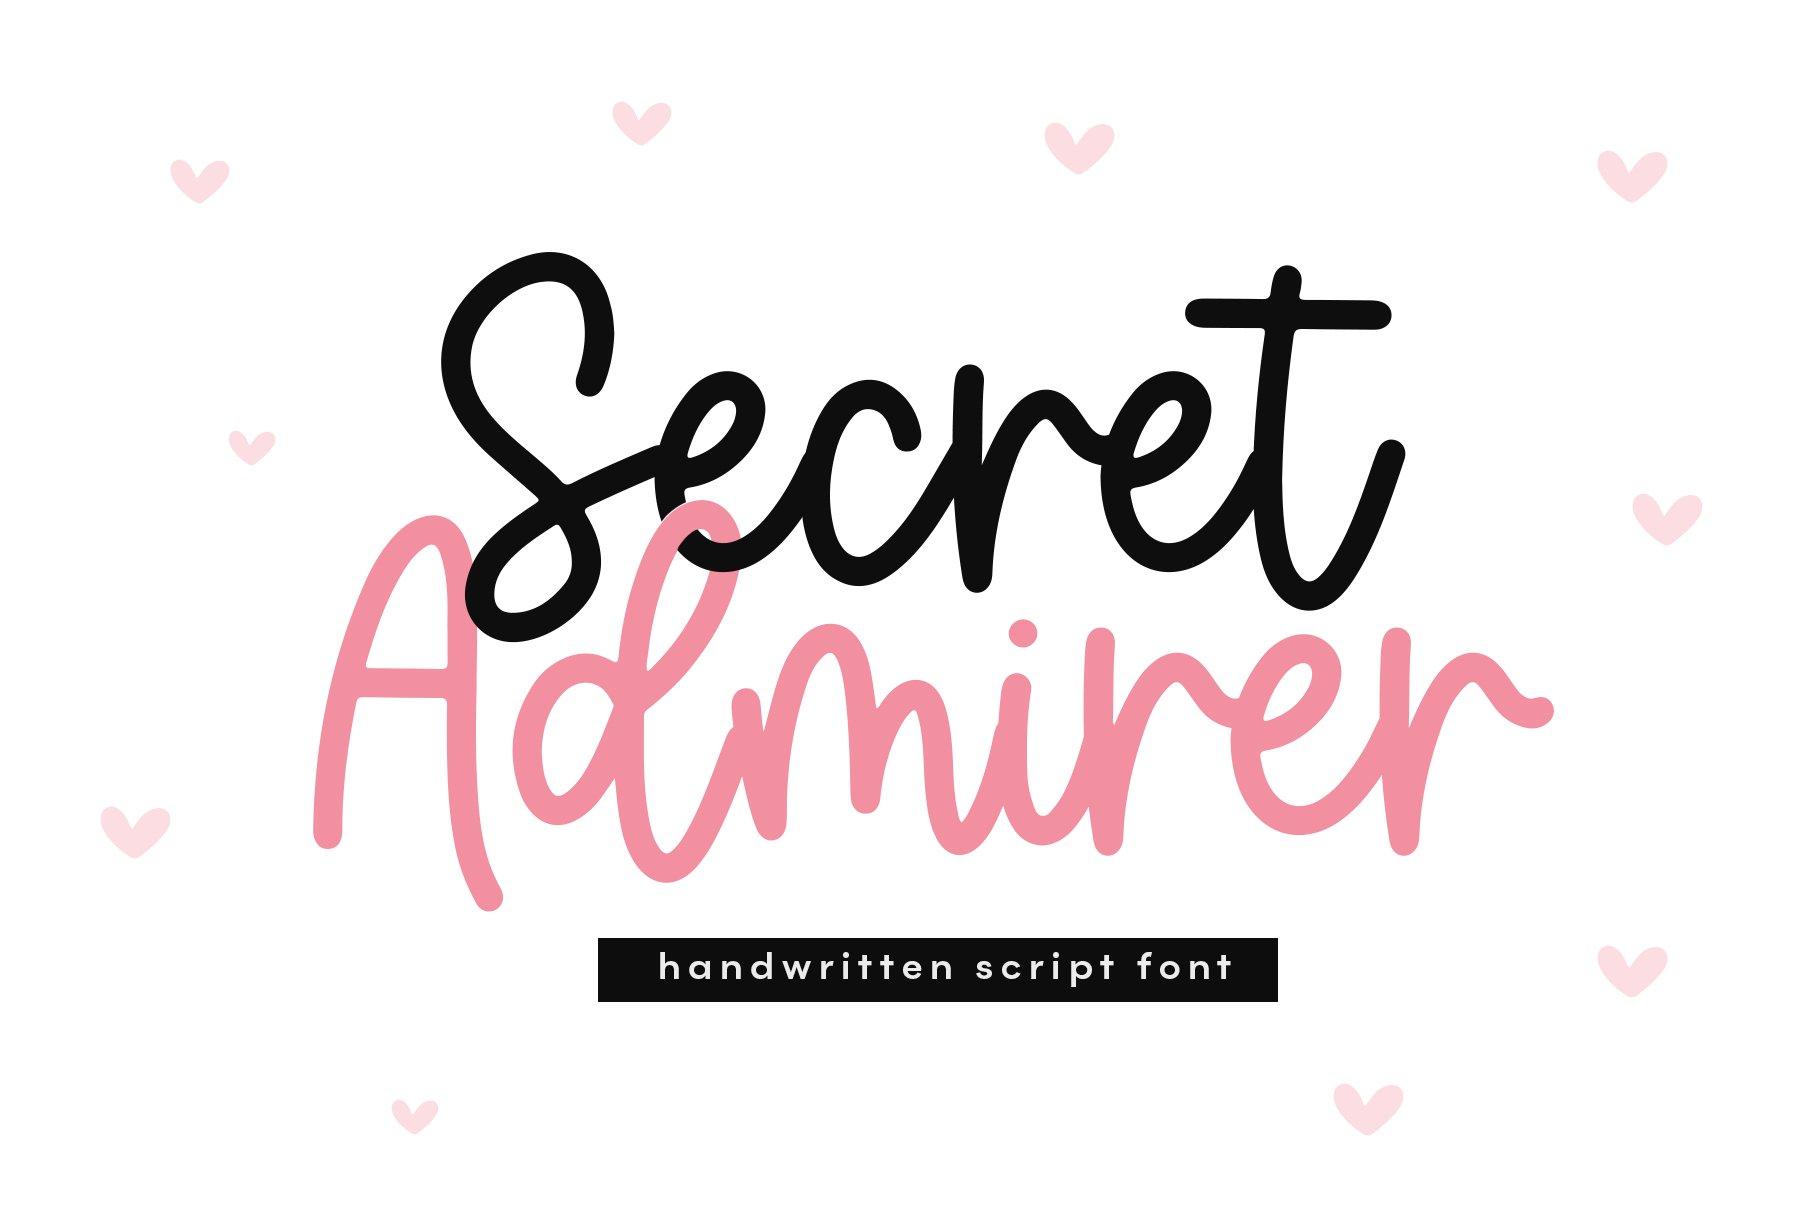 Secret Admirer - Handwritten Script Font example image 1